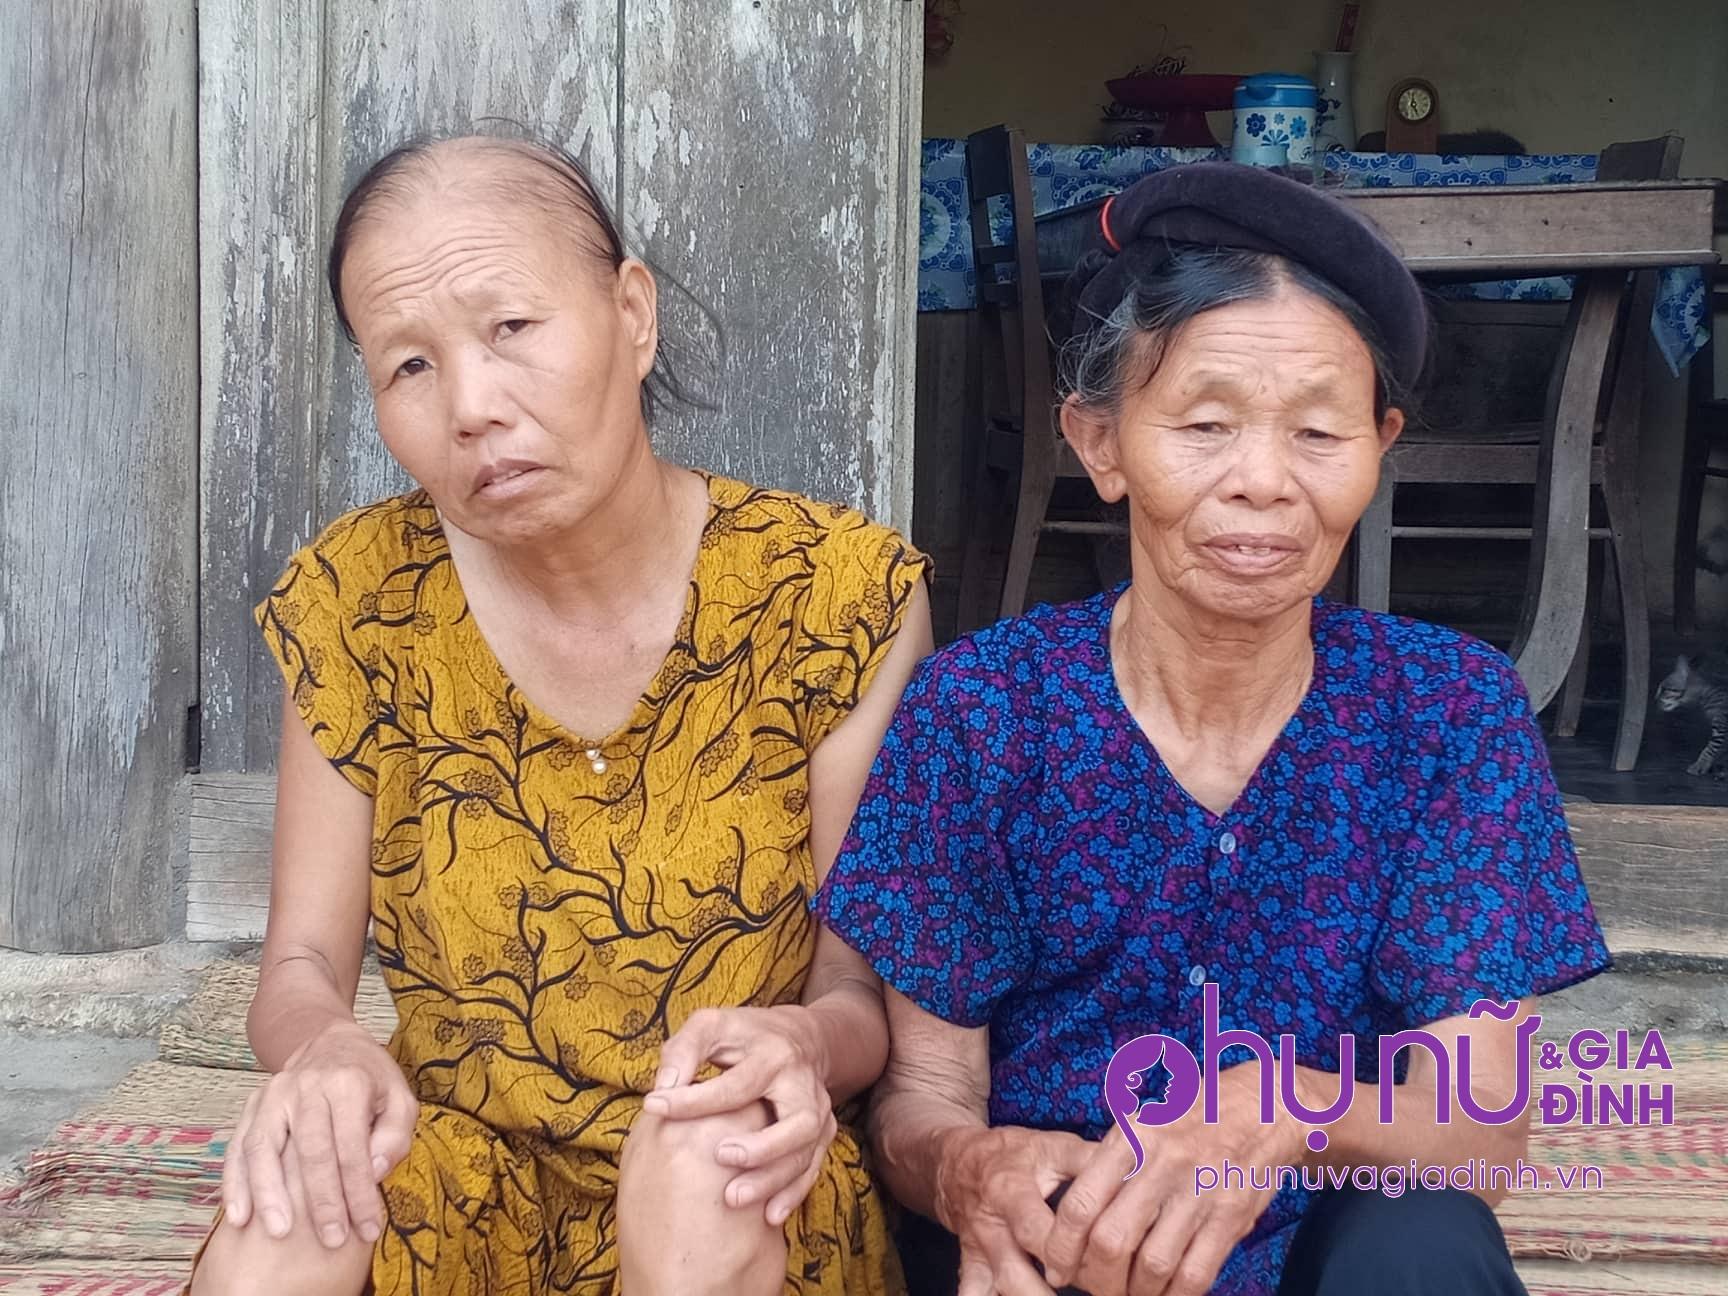 Bi đát cảnh đời cụ bà 83 tuổi nuôi con gái 51 tuổi mắc bệnh ung thư: 'Tôi mà chết, con sẽ sống thế nào đây?' - Ảnh 5